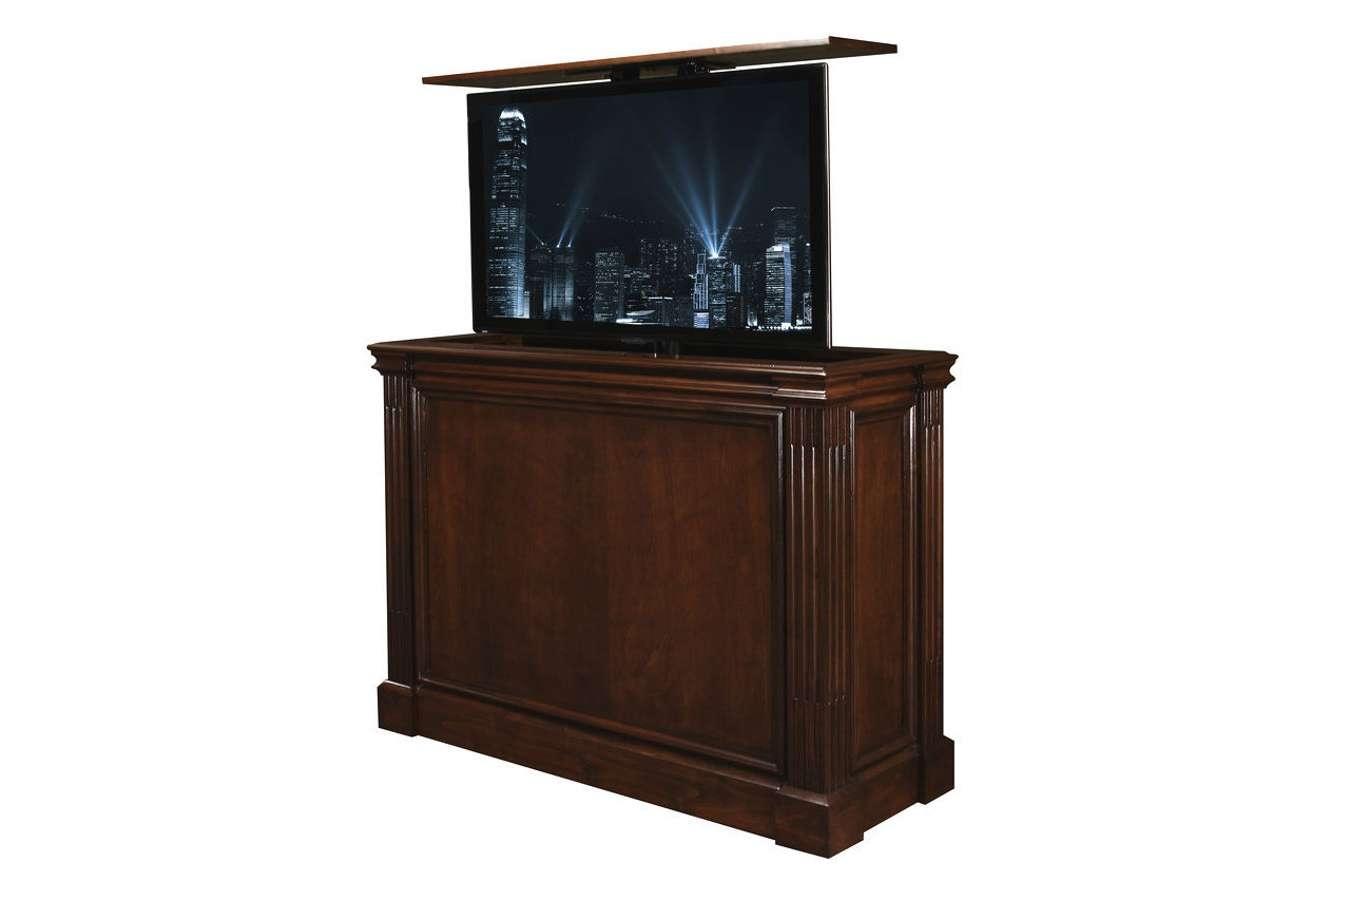 Hidden Tv Cabinet | Pop Up Tv Cabinet | Transitional Tv Cabinets Regarding Asian Tv Cabinets (View 4 of 20)